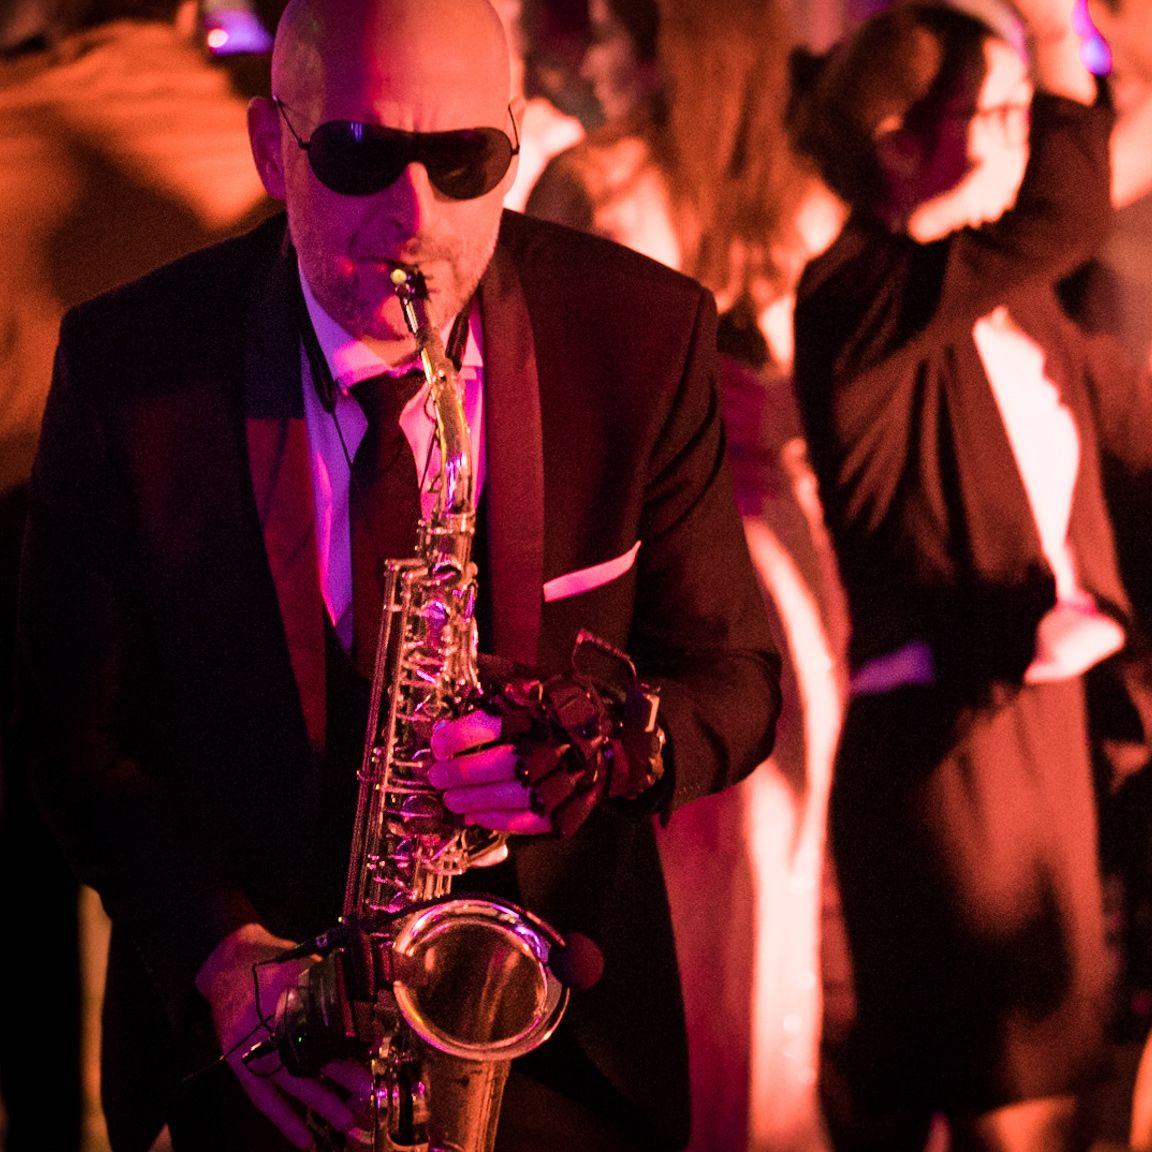 Saxophoniste dans une soirée